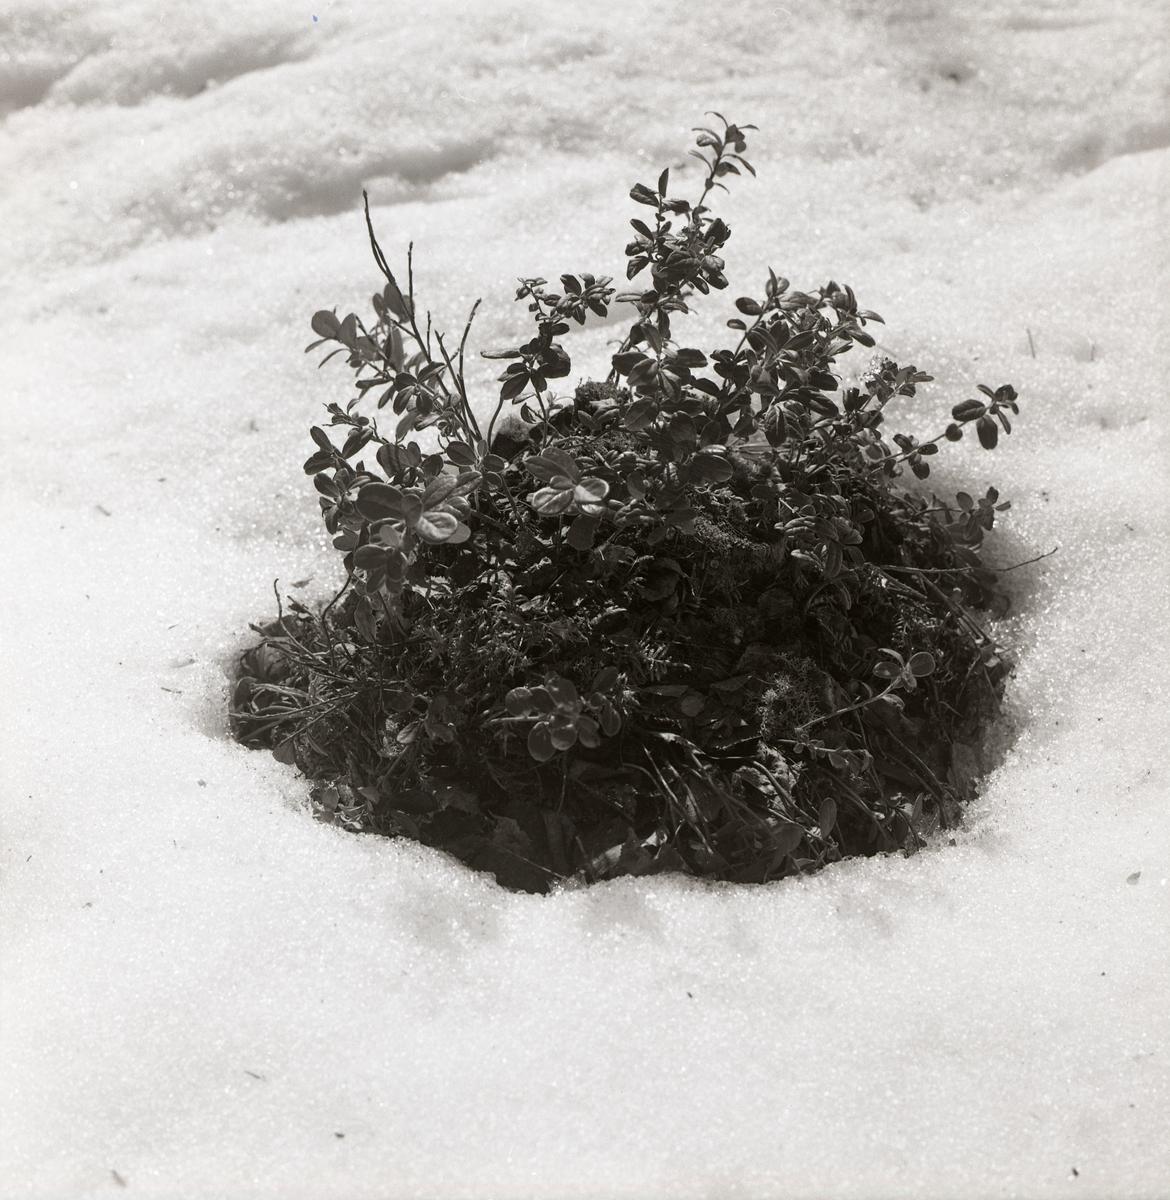 En tuva med lingonris sticker upp ur snön, vårvintern 1969.